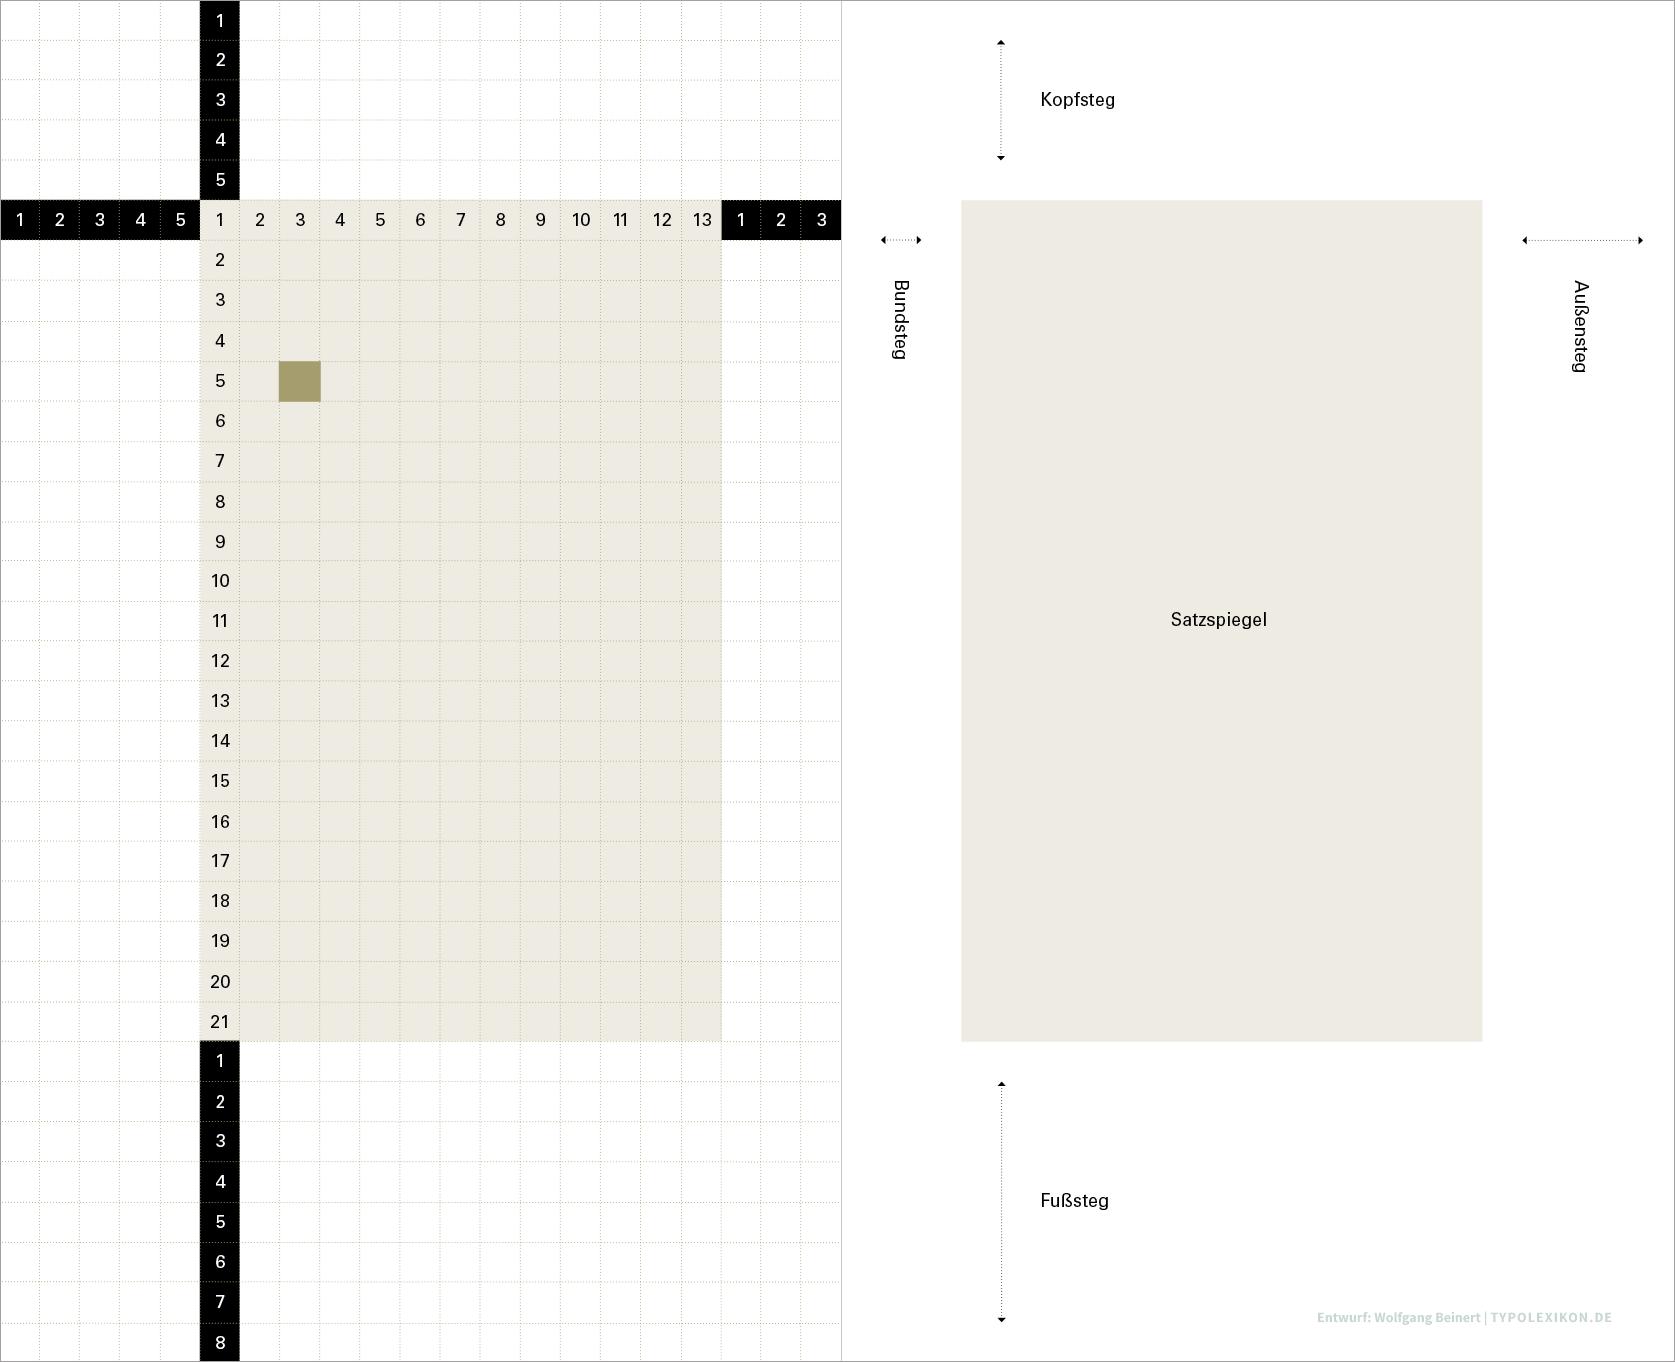 Beispiel eines Seitenformats im Goldenen Schnitt (1:1,618) und Konstruktion eines Satzspiegels nach der Fibonacci-Reihe. Schritt 3: Auf Basis des gewählten Quadrats, wird ein Zellenraster aus den Fibonacci-Zahlen 0, 1, 1, 2, 3, 5, 8, 13, 21, 34, 55, 89, 144, 233, 377, 610 (…) abgeleitet, in diesem Falle im Teilungsverhältnis 21:34. Entwurf: Wolfgang Beinert, Berlin.